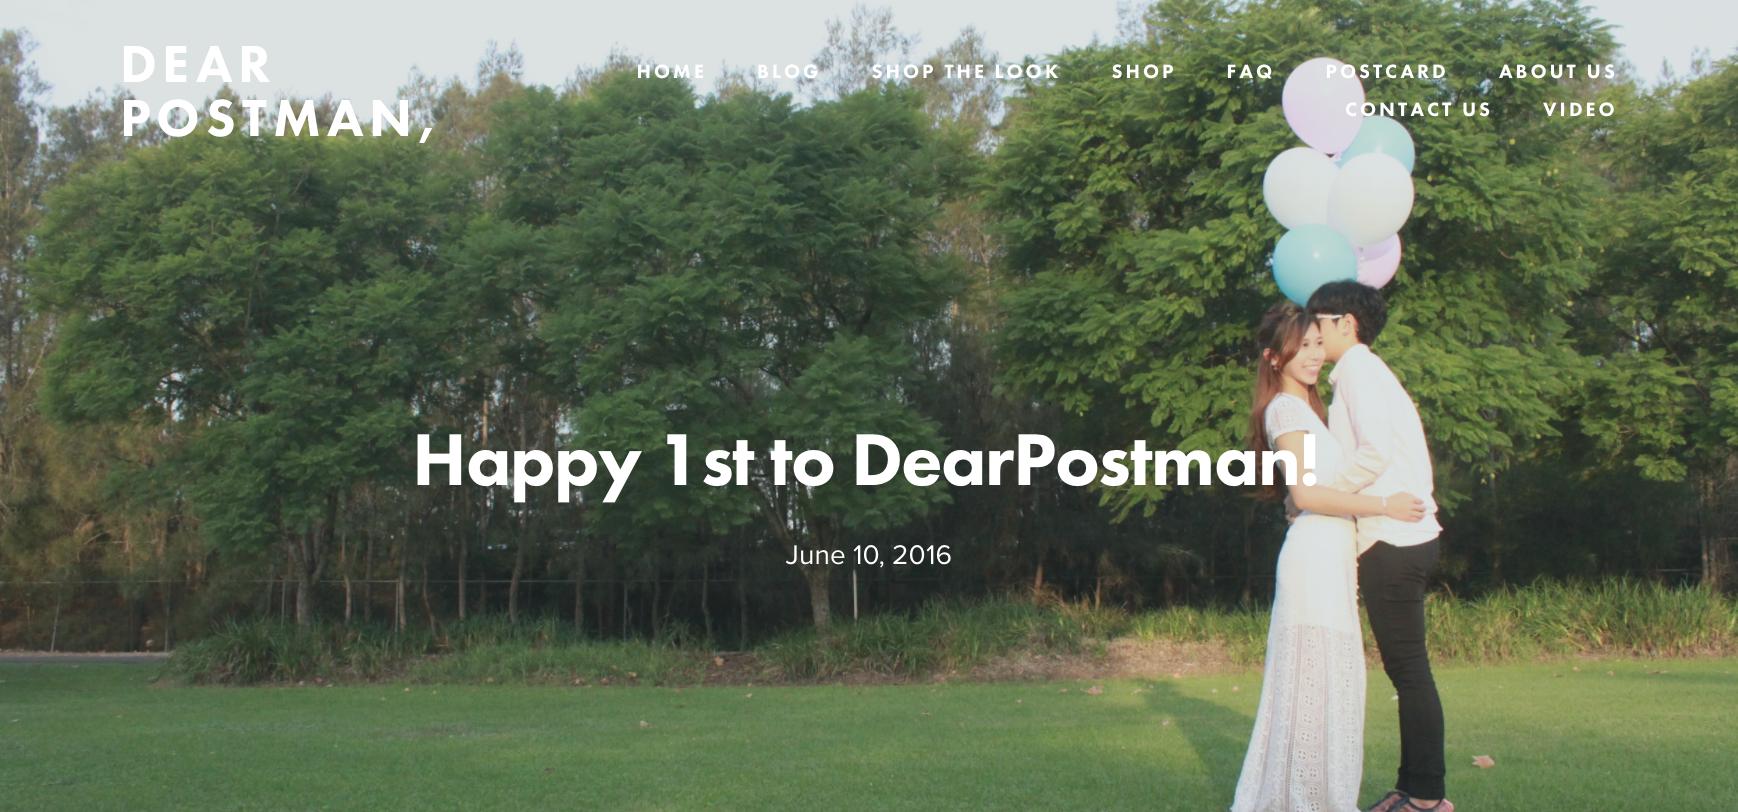 Happy 1st to DearPostman!